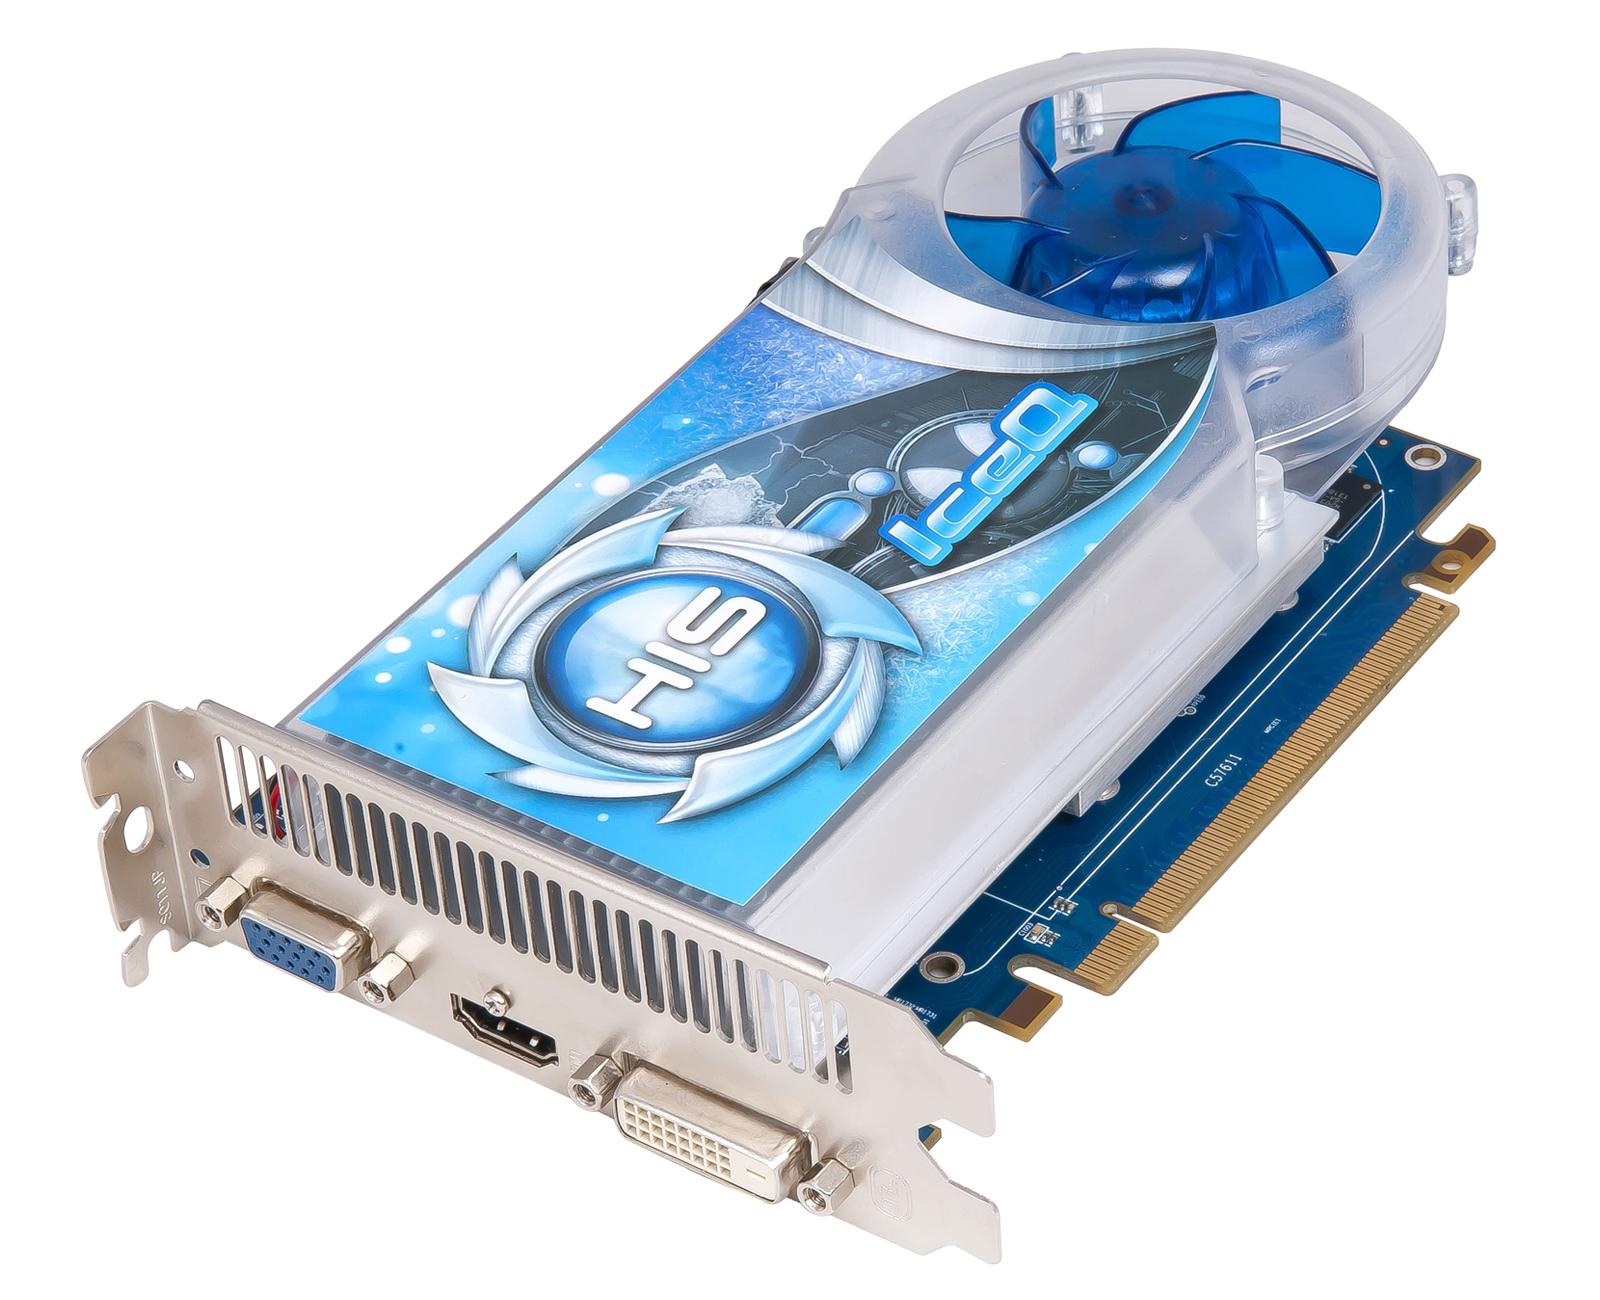 HIS R7 250 IceQ Boost Clock 1GB GDDR5 PCI-E HDMI/SLDVI-D/VGA